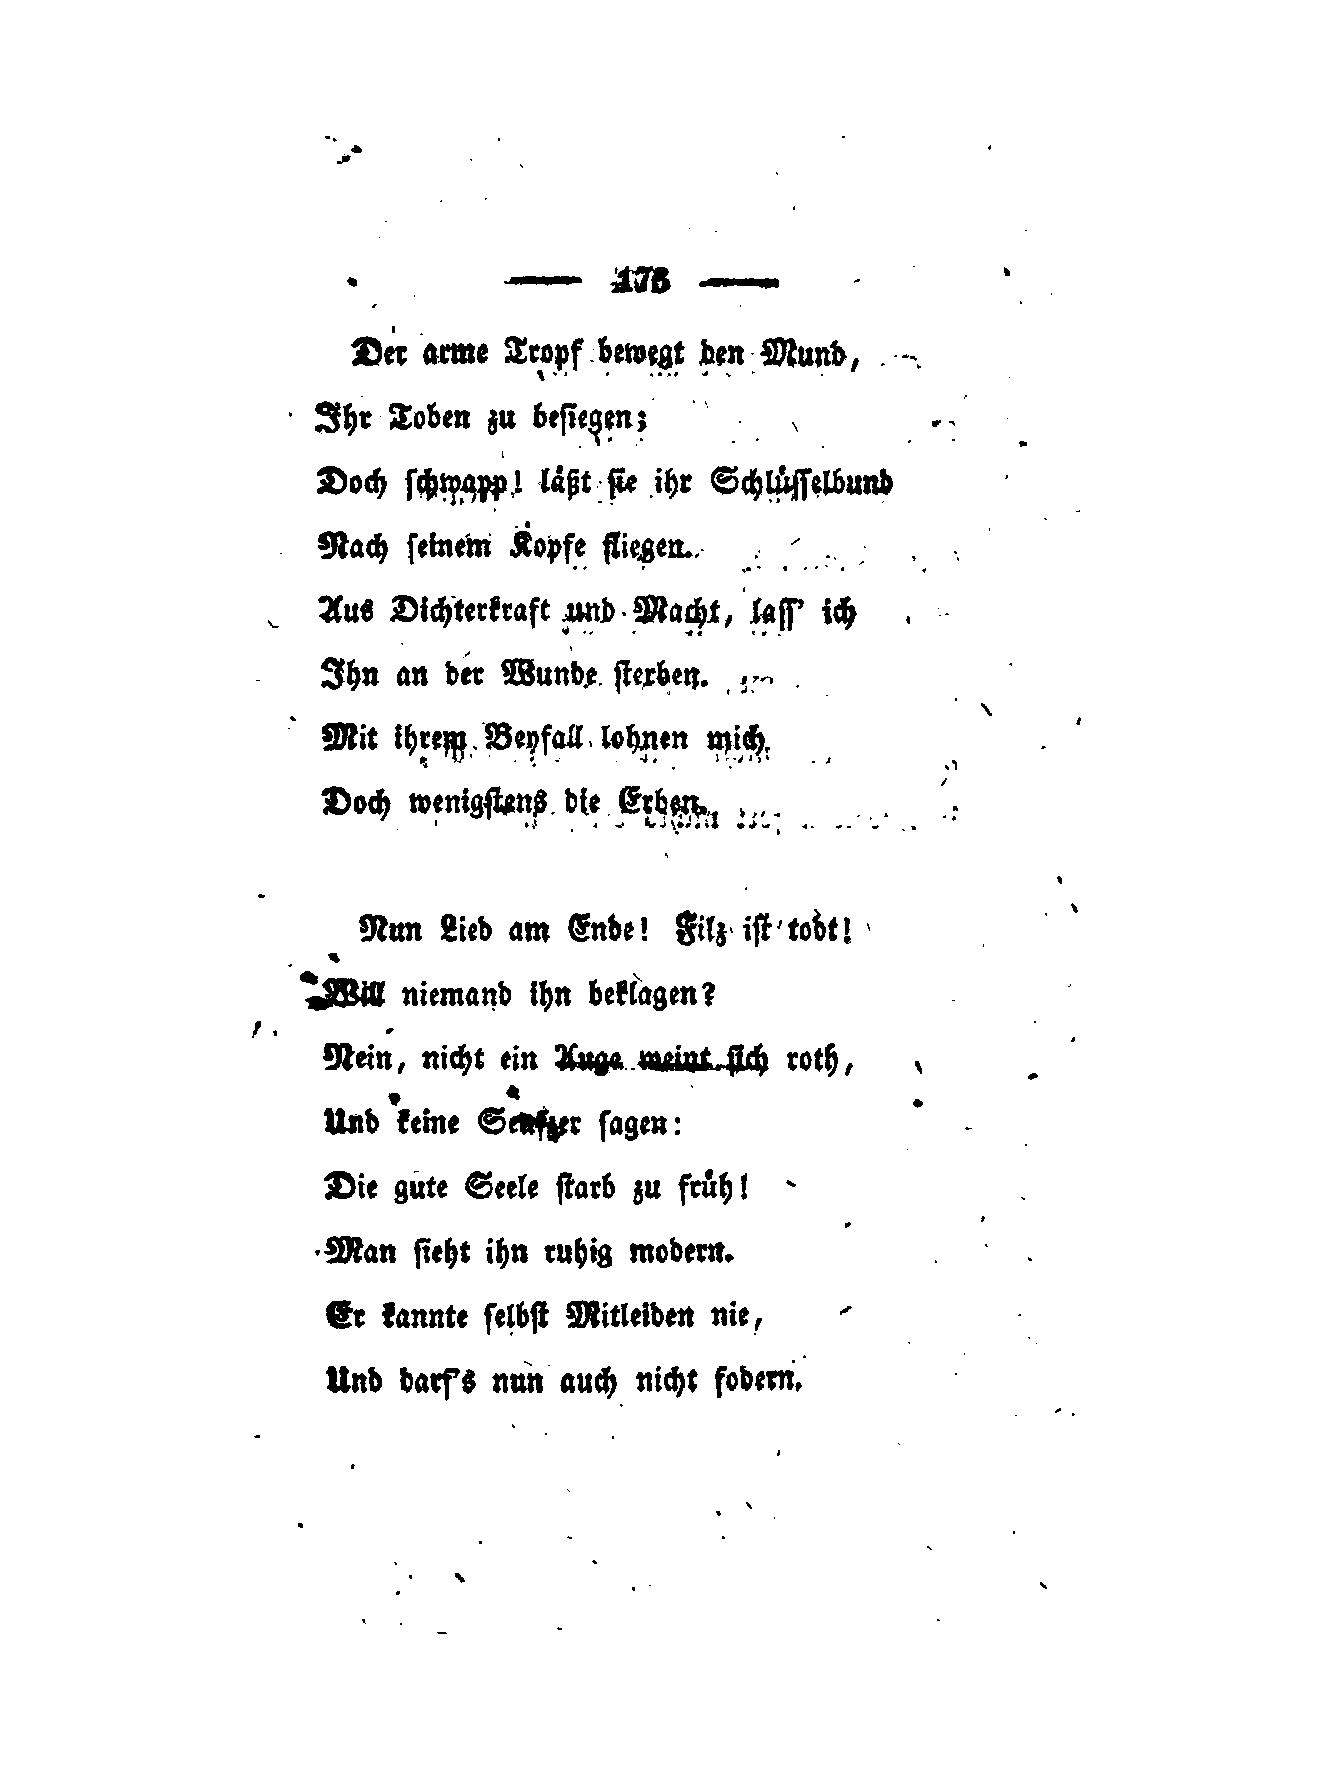 Lange Weihnachtsgedichte.File Gedichte Langbein 1820 Theil 1 173 Jpg Wikimedia Commons